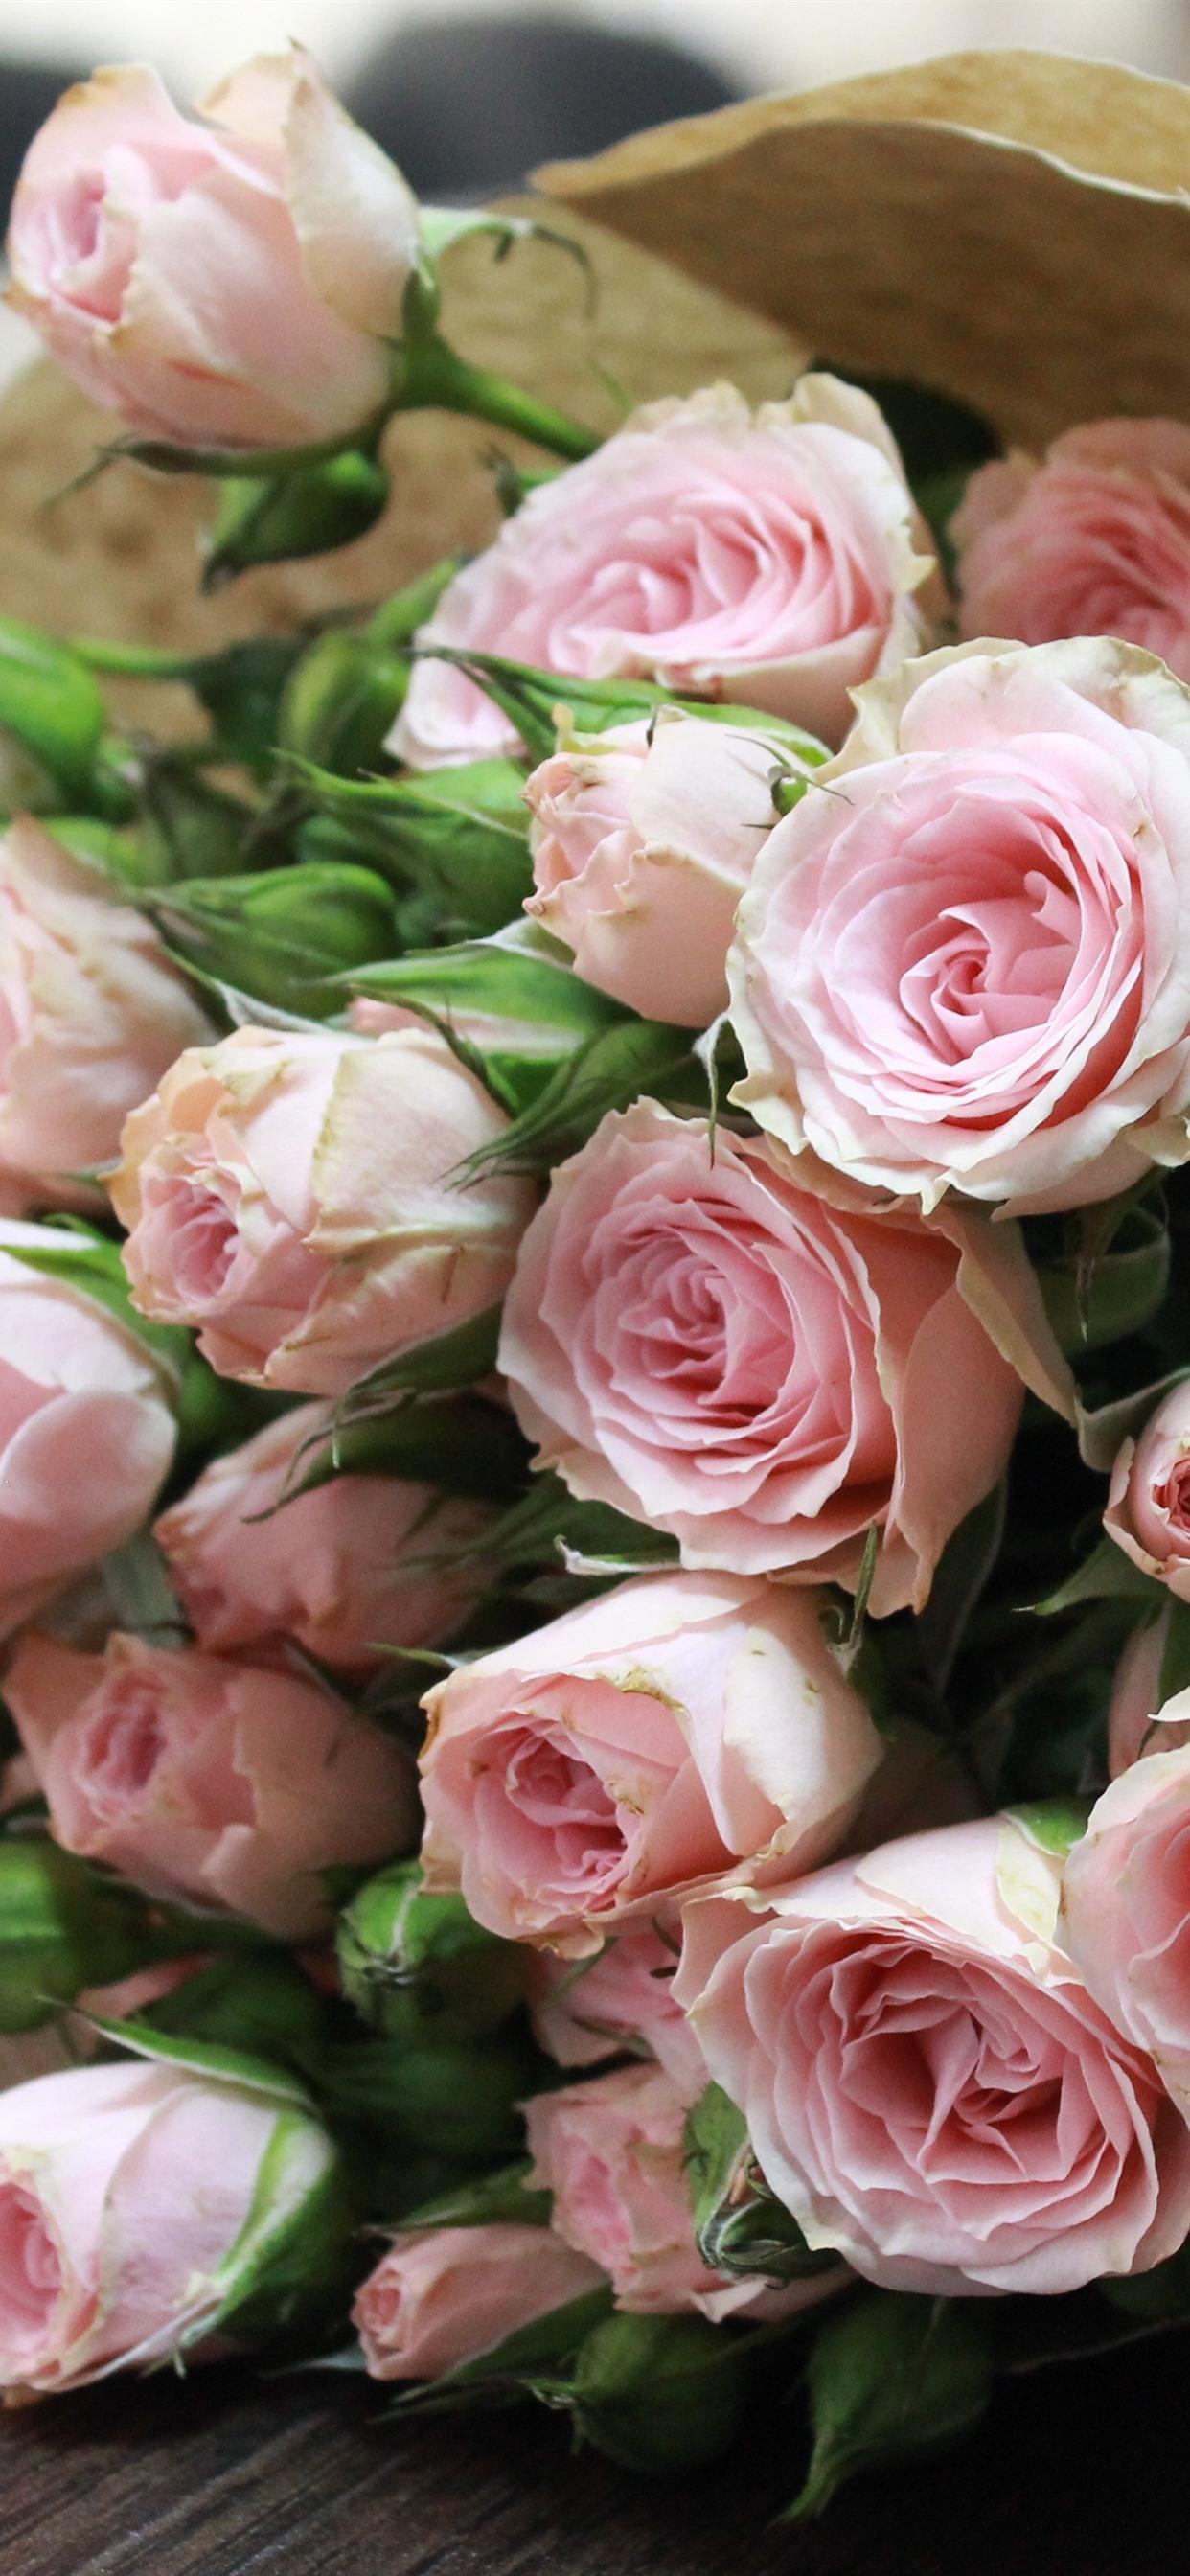 花束 花 ピンクのバラ 1242x2688 Iphone 11 Pro Xs Max 壁紙 背景 画像